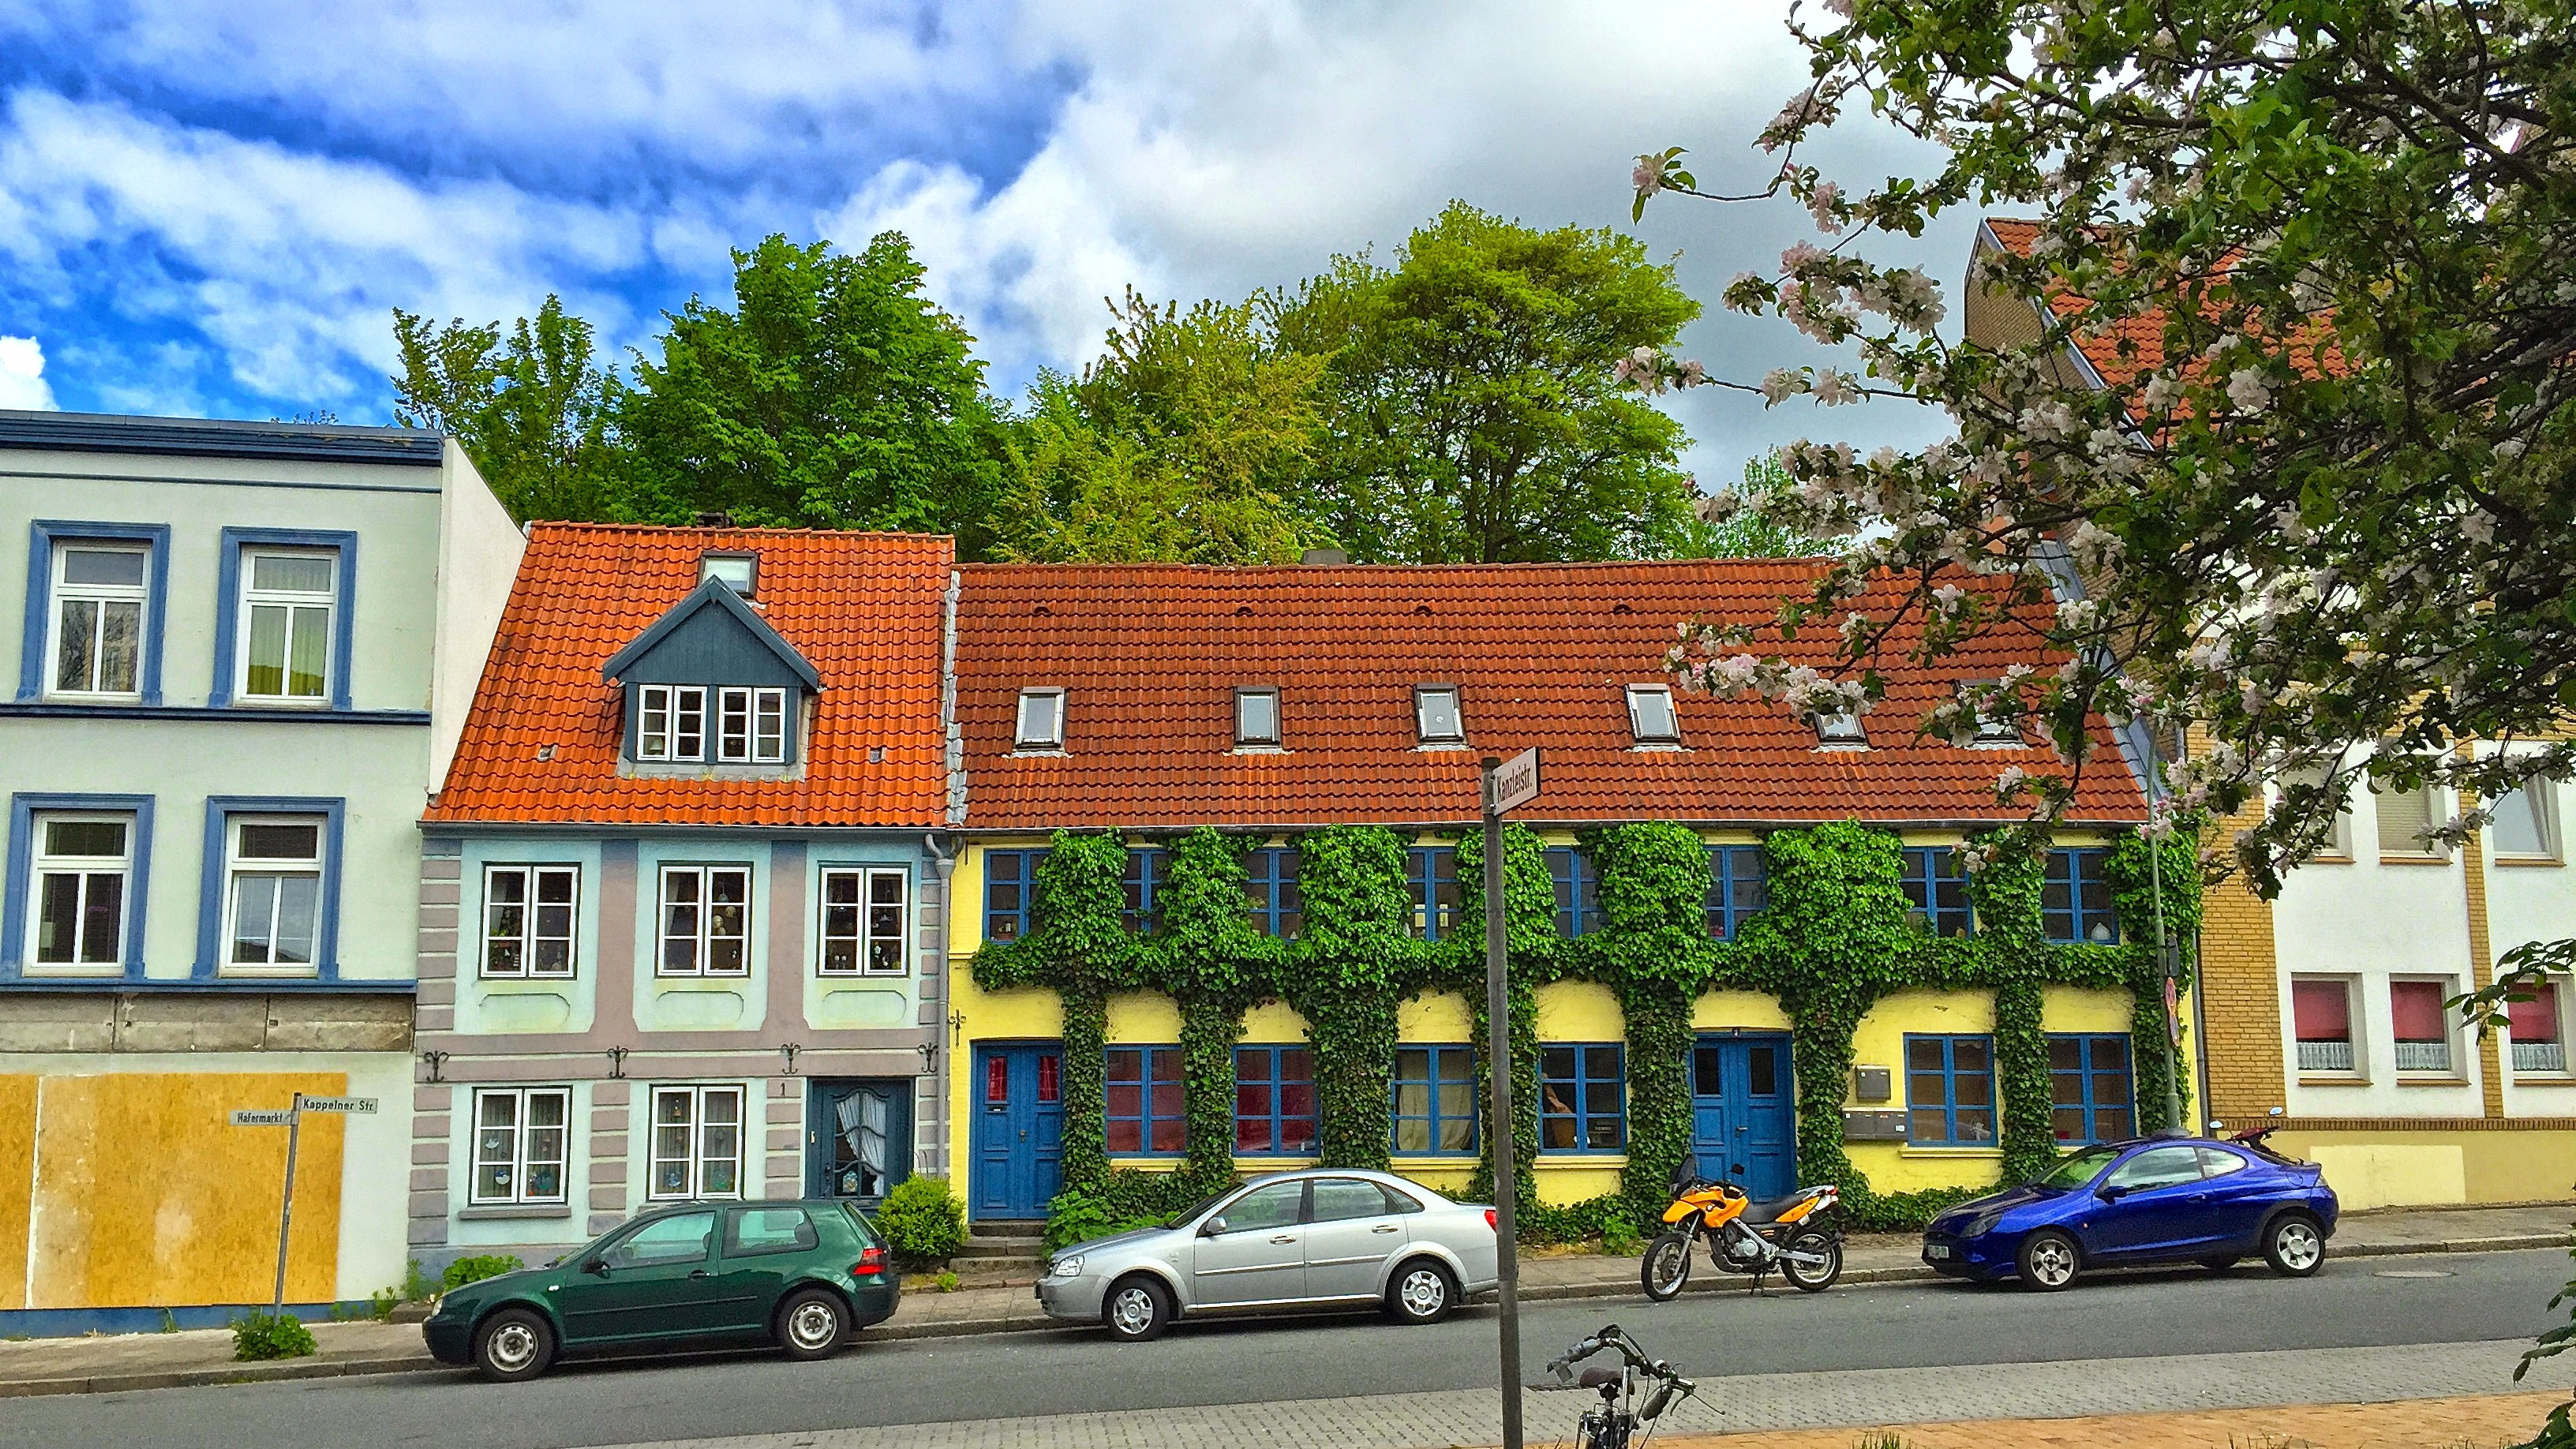 Kanzleistraße Flensburg file hafermarkt kappelner straße ecke kanzleistraße flensburg